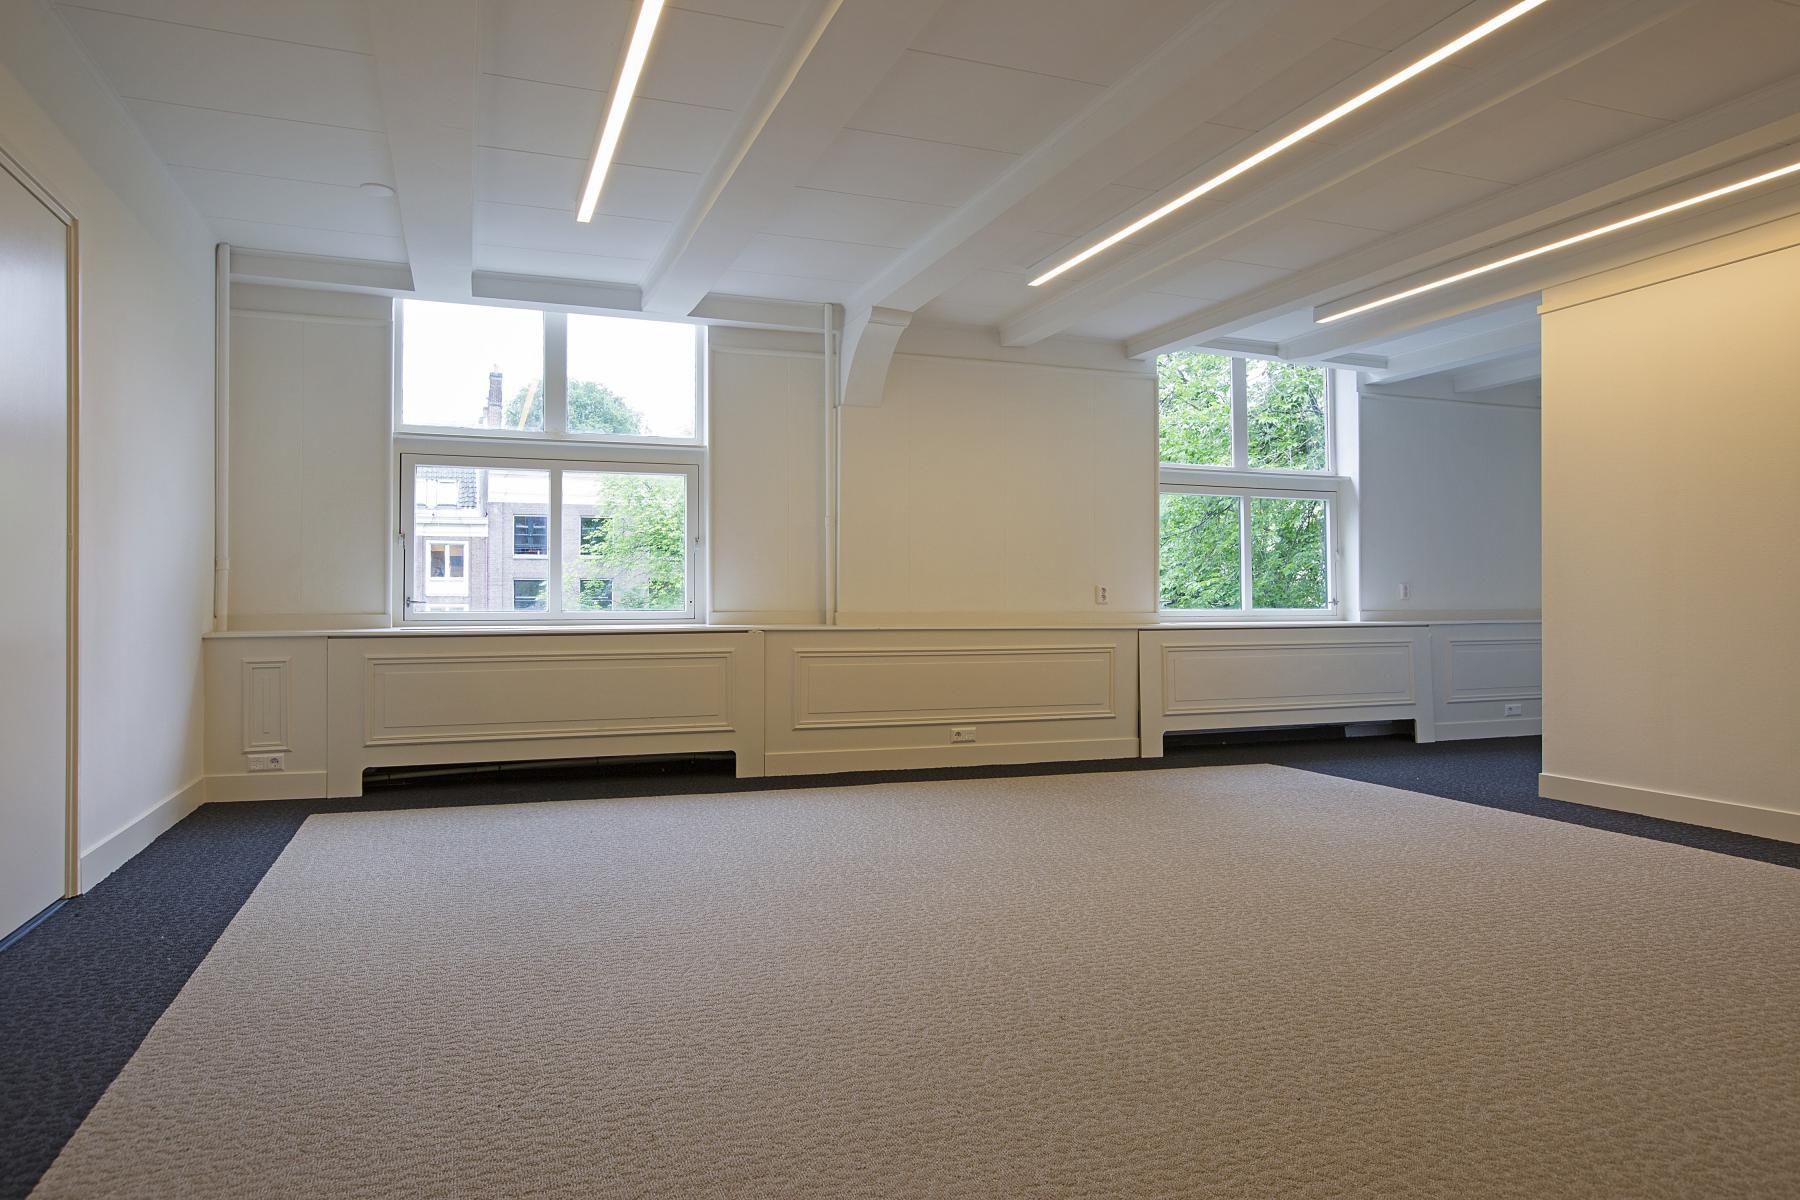 amsterdam herengracht kantoorunit huren kantoorruimte wit raam